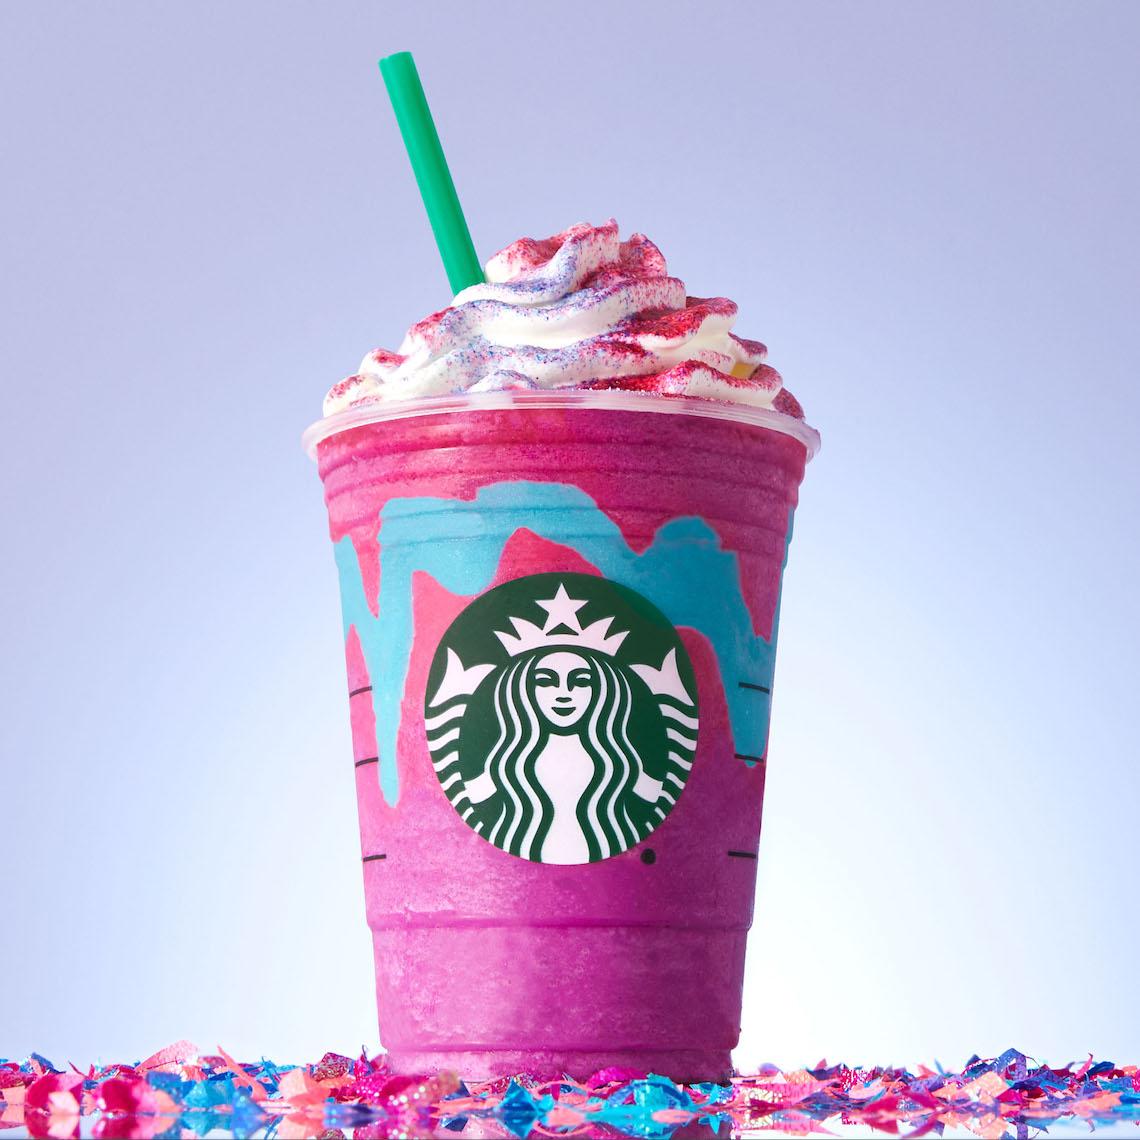 starbucks canada Unicorn Frappuccino